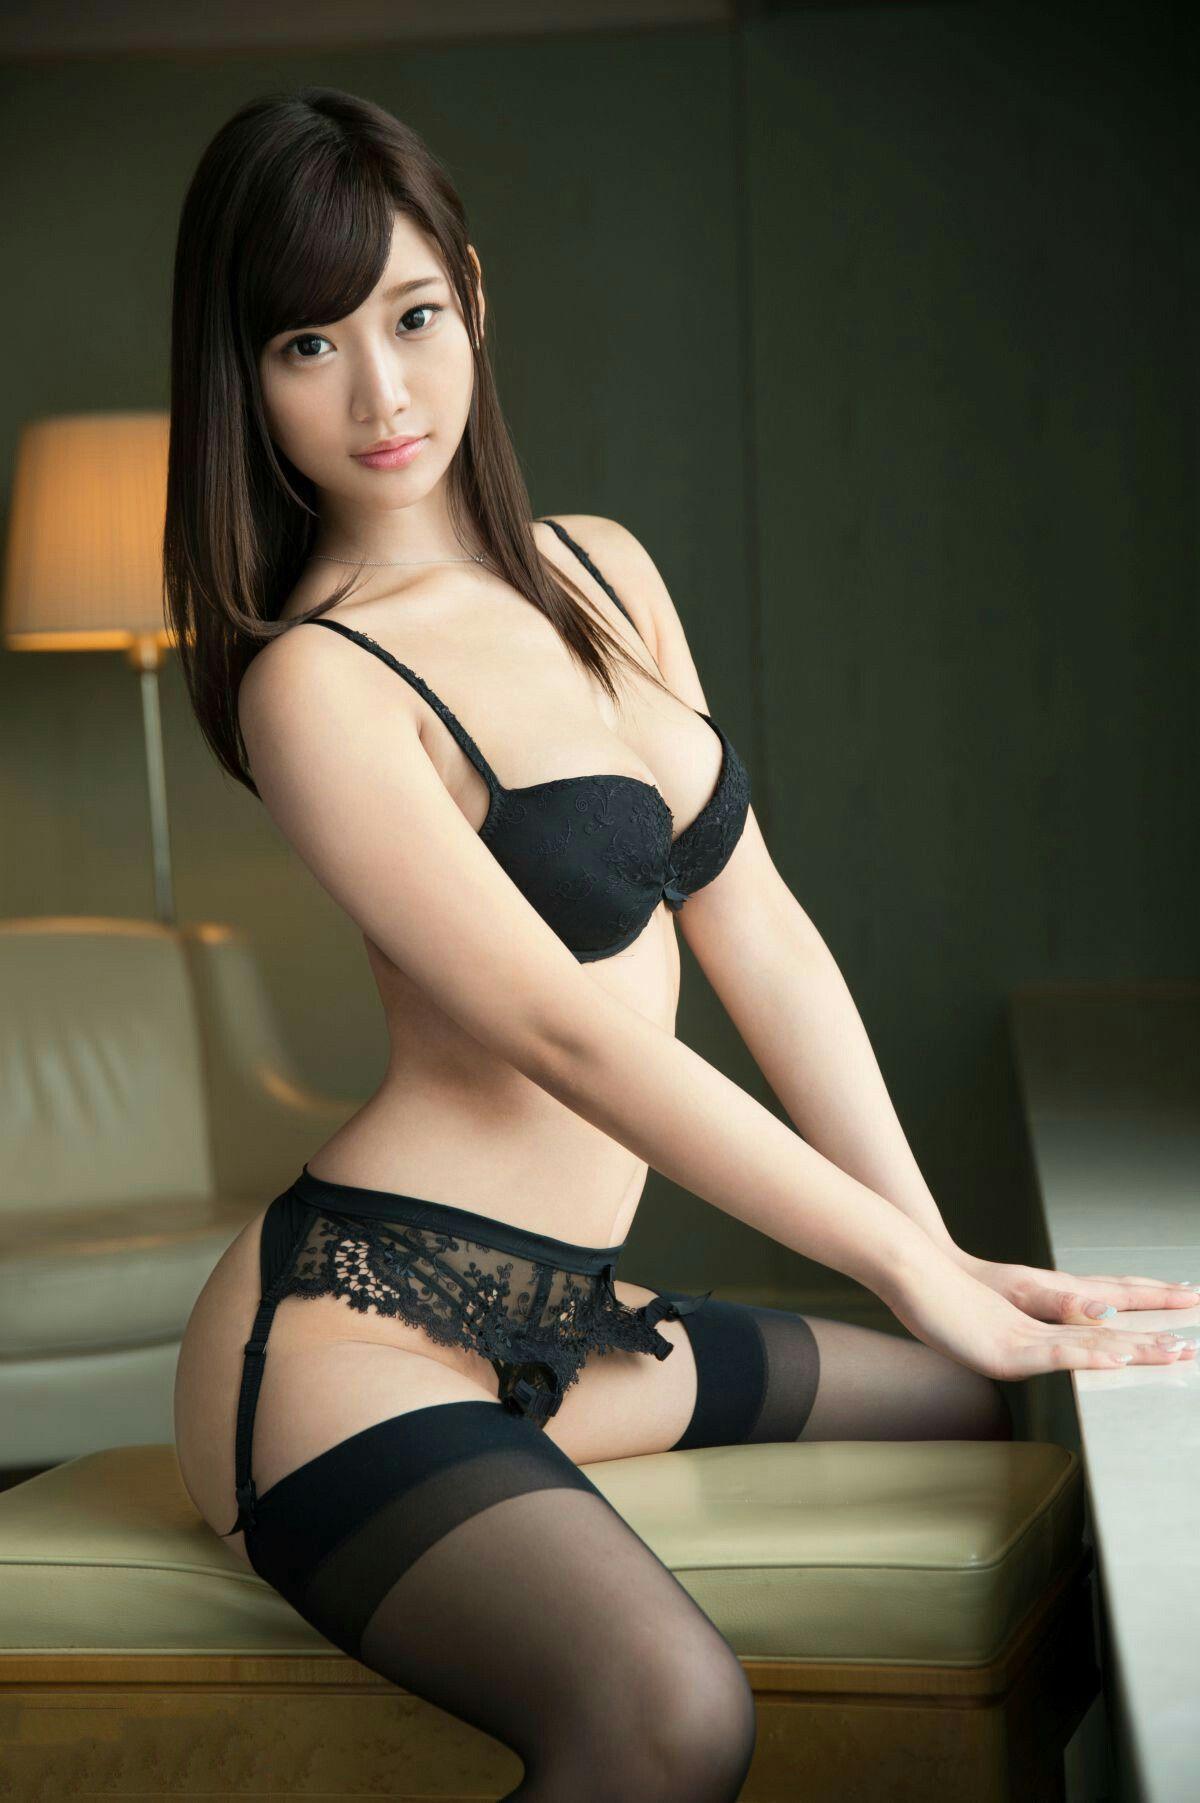 Asian slut big boobs